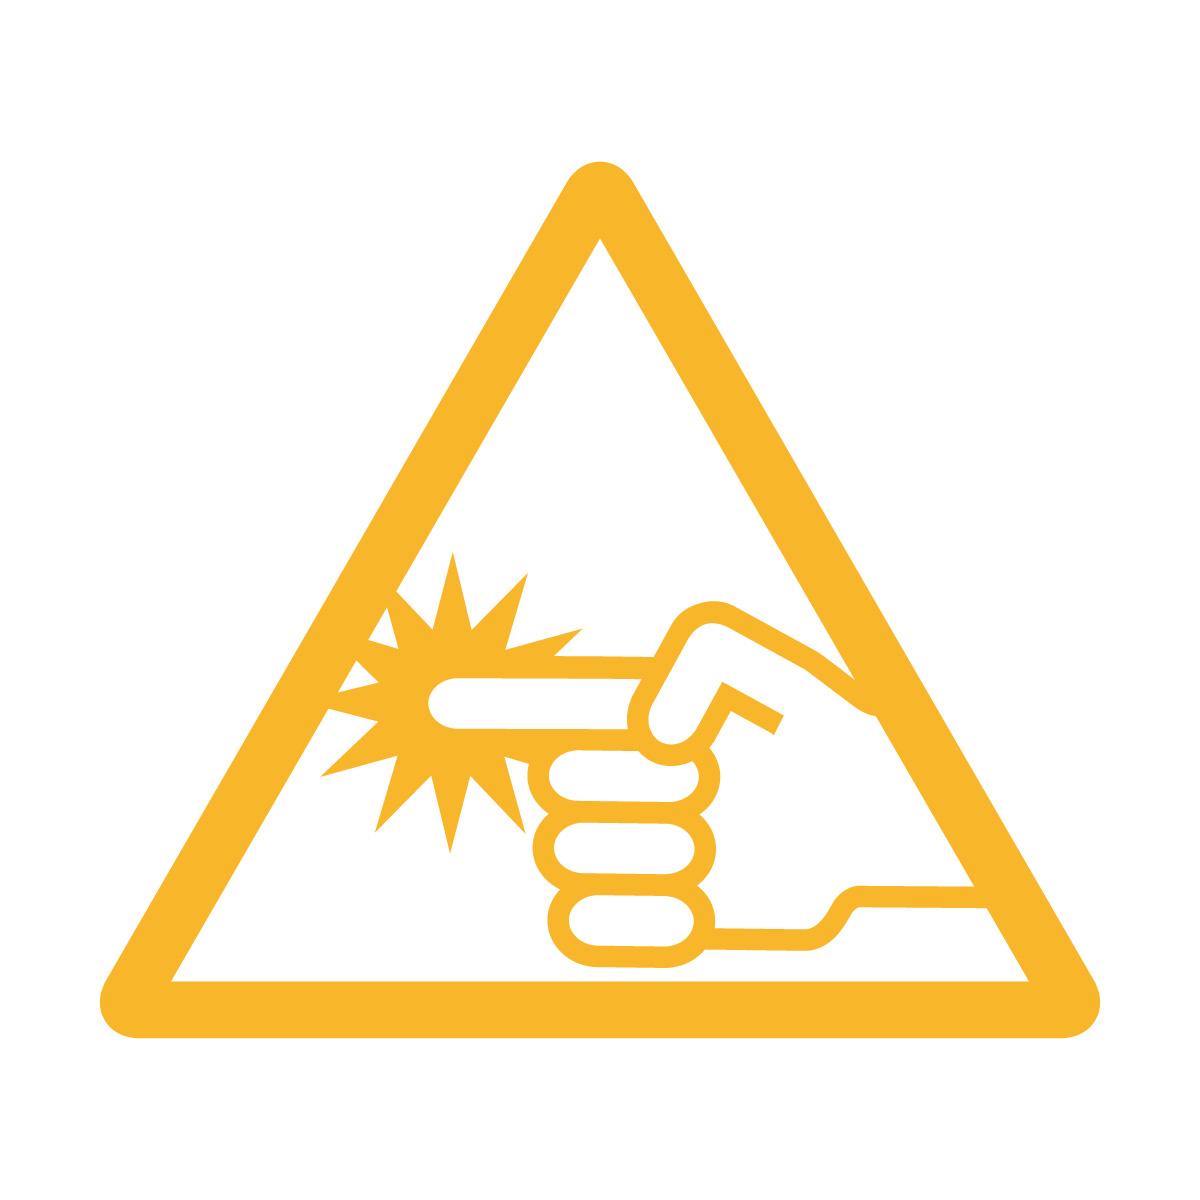 黄色い指づめ・指挟み注意マークのカッティングシートステッカー・シール